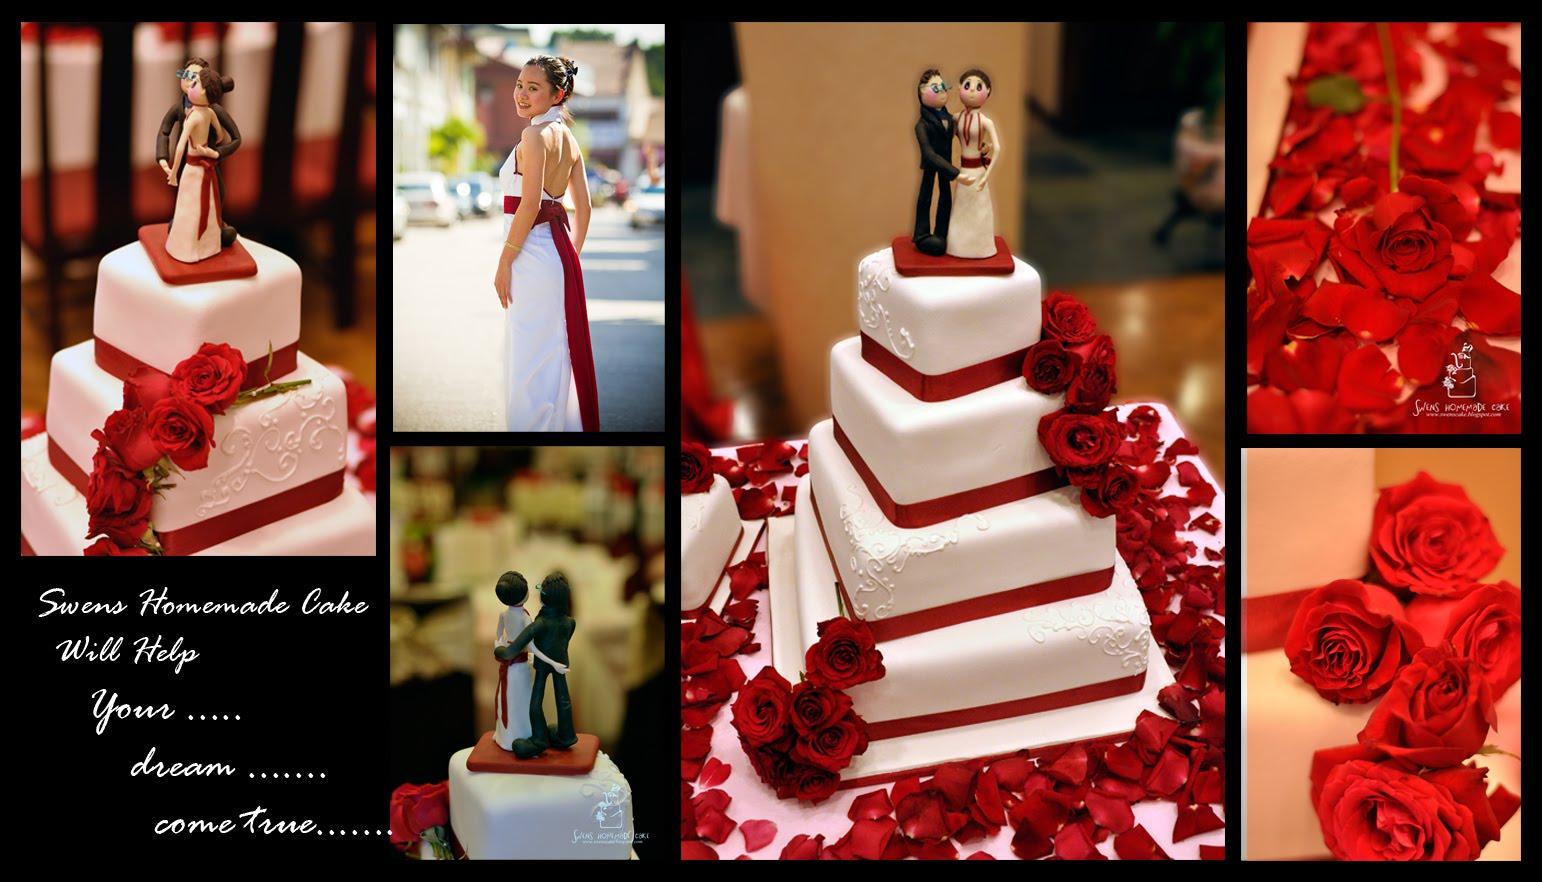 Wedding Cake in EQ hotel